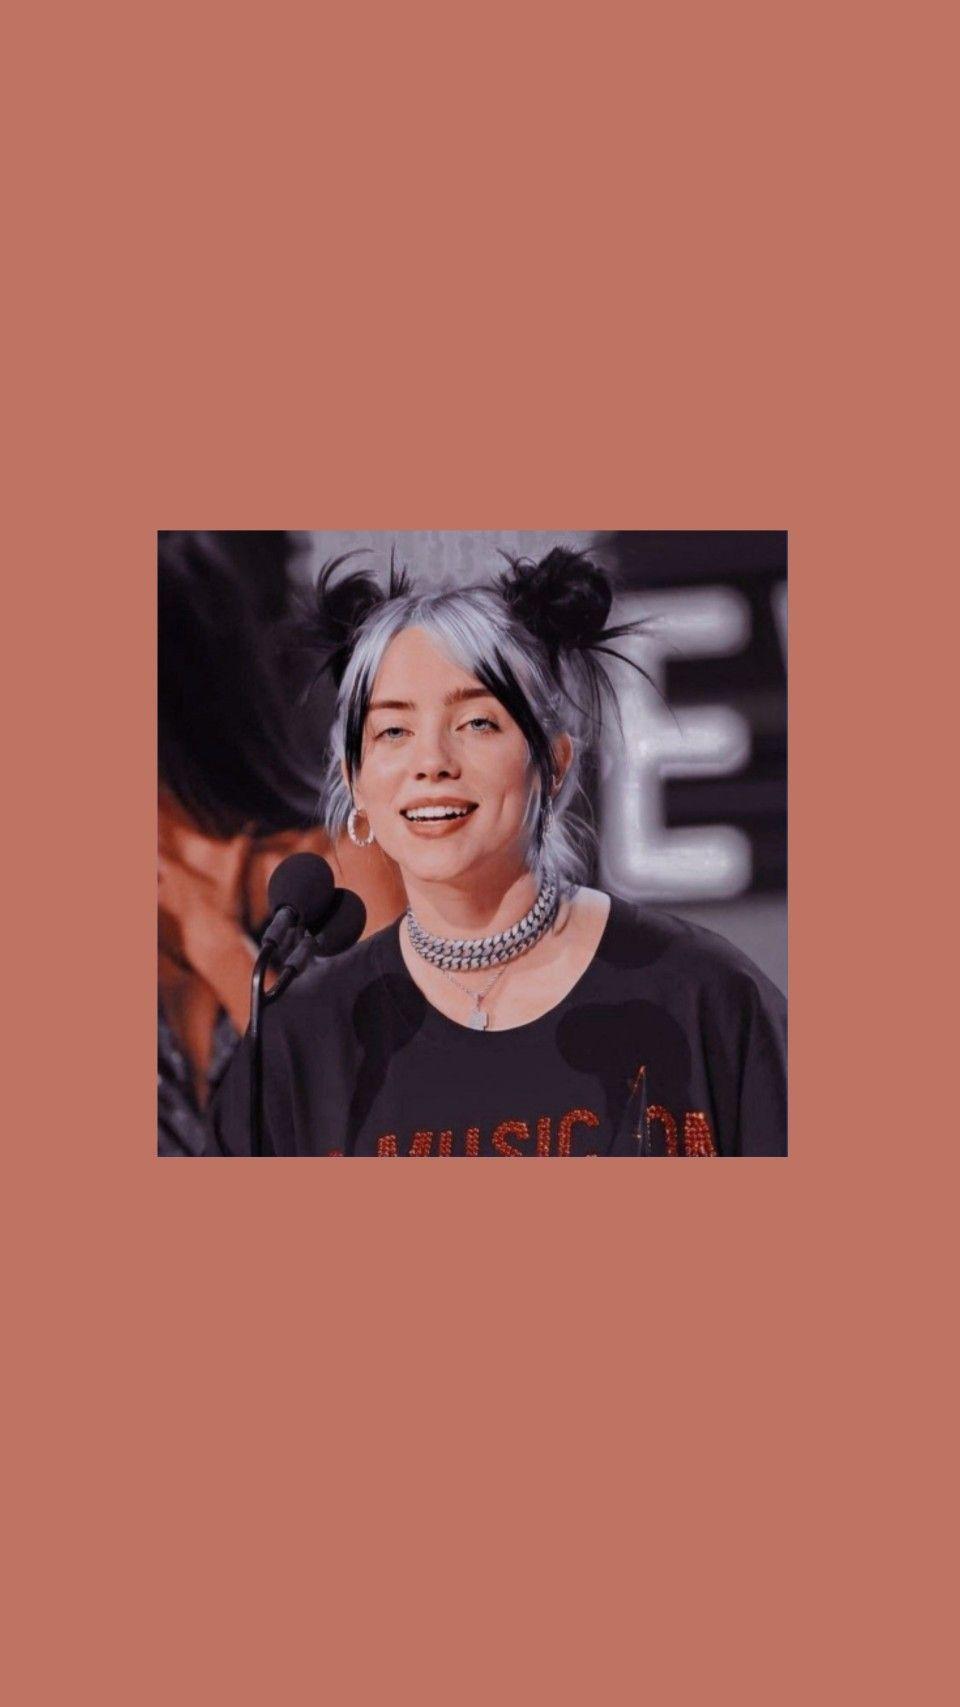 Billie Eilish Wallpaper Lockscreen In 2020 Billie Billie Eilish Singer